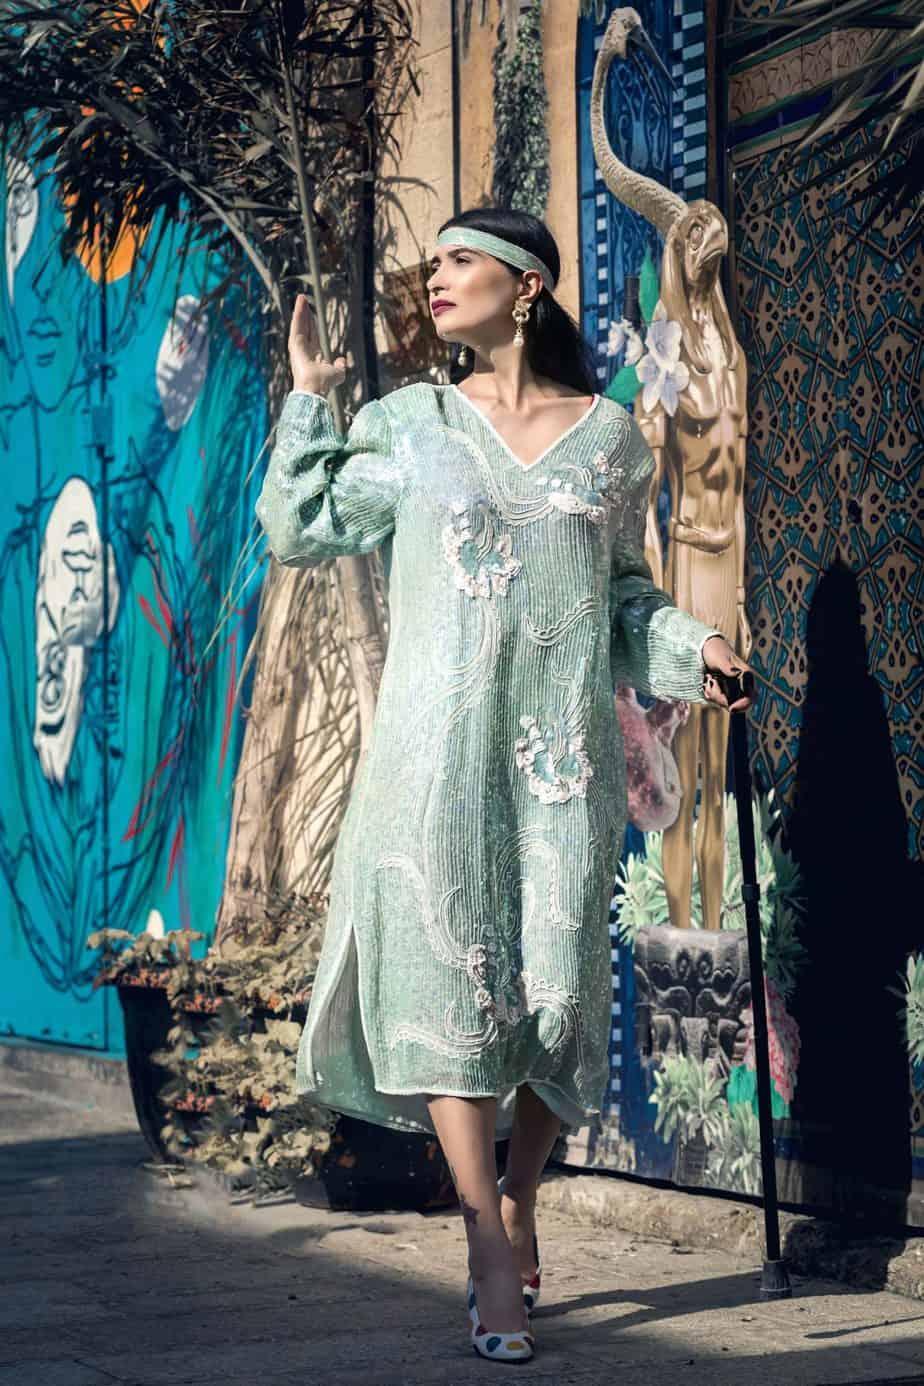 שמלת פייאטים שנות ה- 80 עבודת יד. נעליים איטליה piacciotti. מאיה אושרי כהן, צילום: Gennadiy Tsodik, אופנה במנהרת הזמן, לוני ויטג׳ -